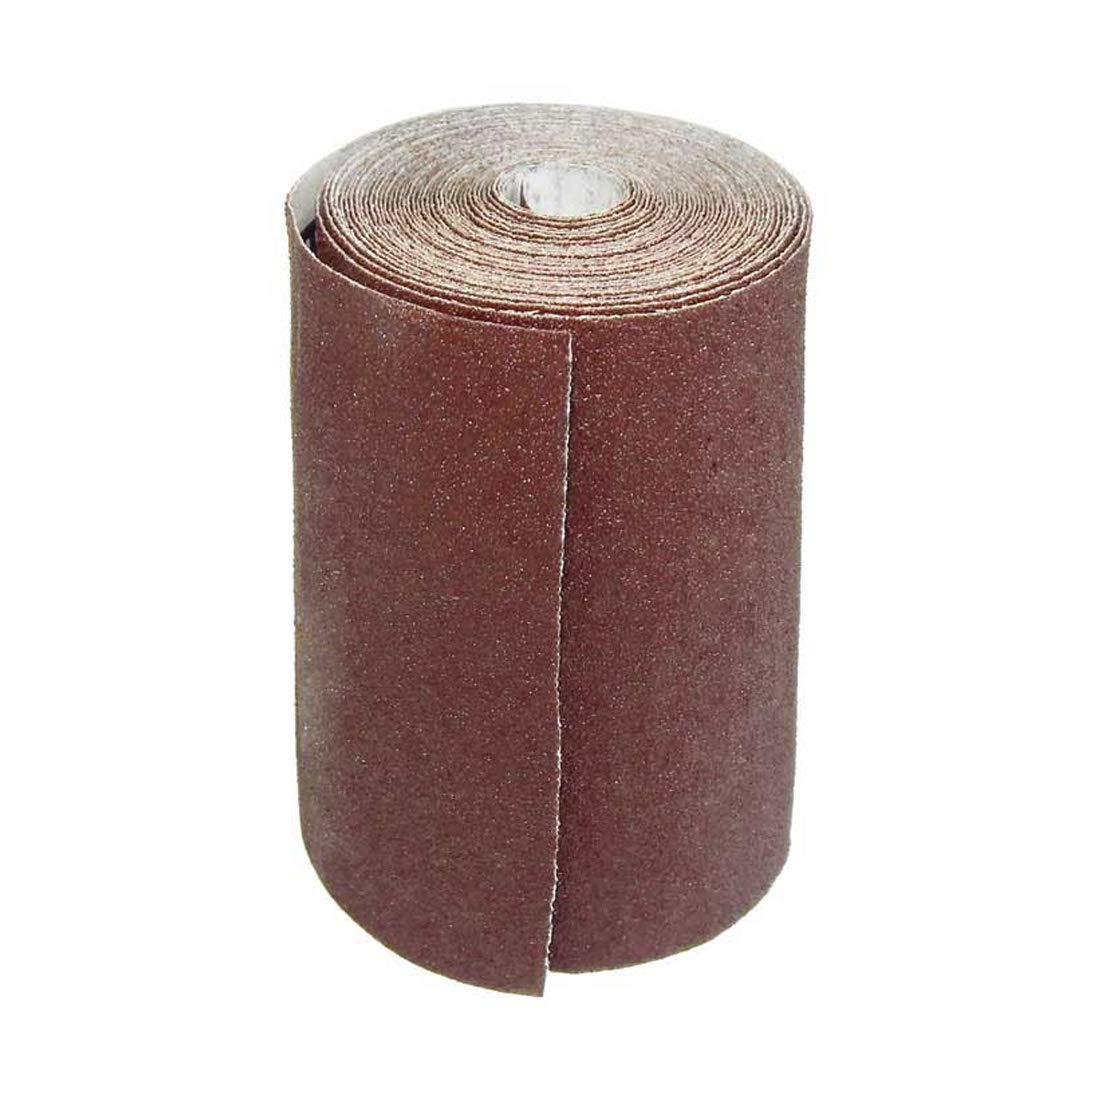 1 Rouleaux de papier de verre MioTools pour ponceuses manuelles - 93 mm x 5 m - grain 40